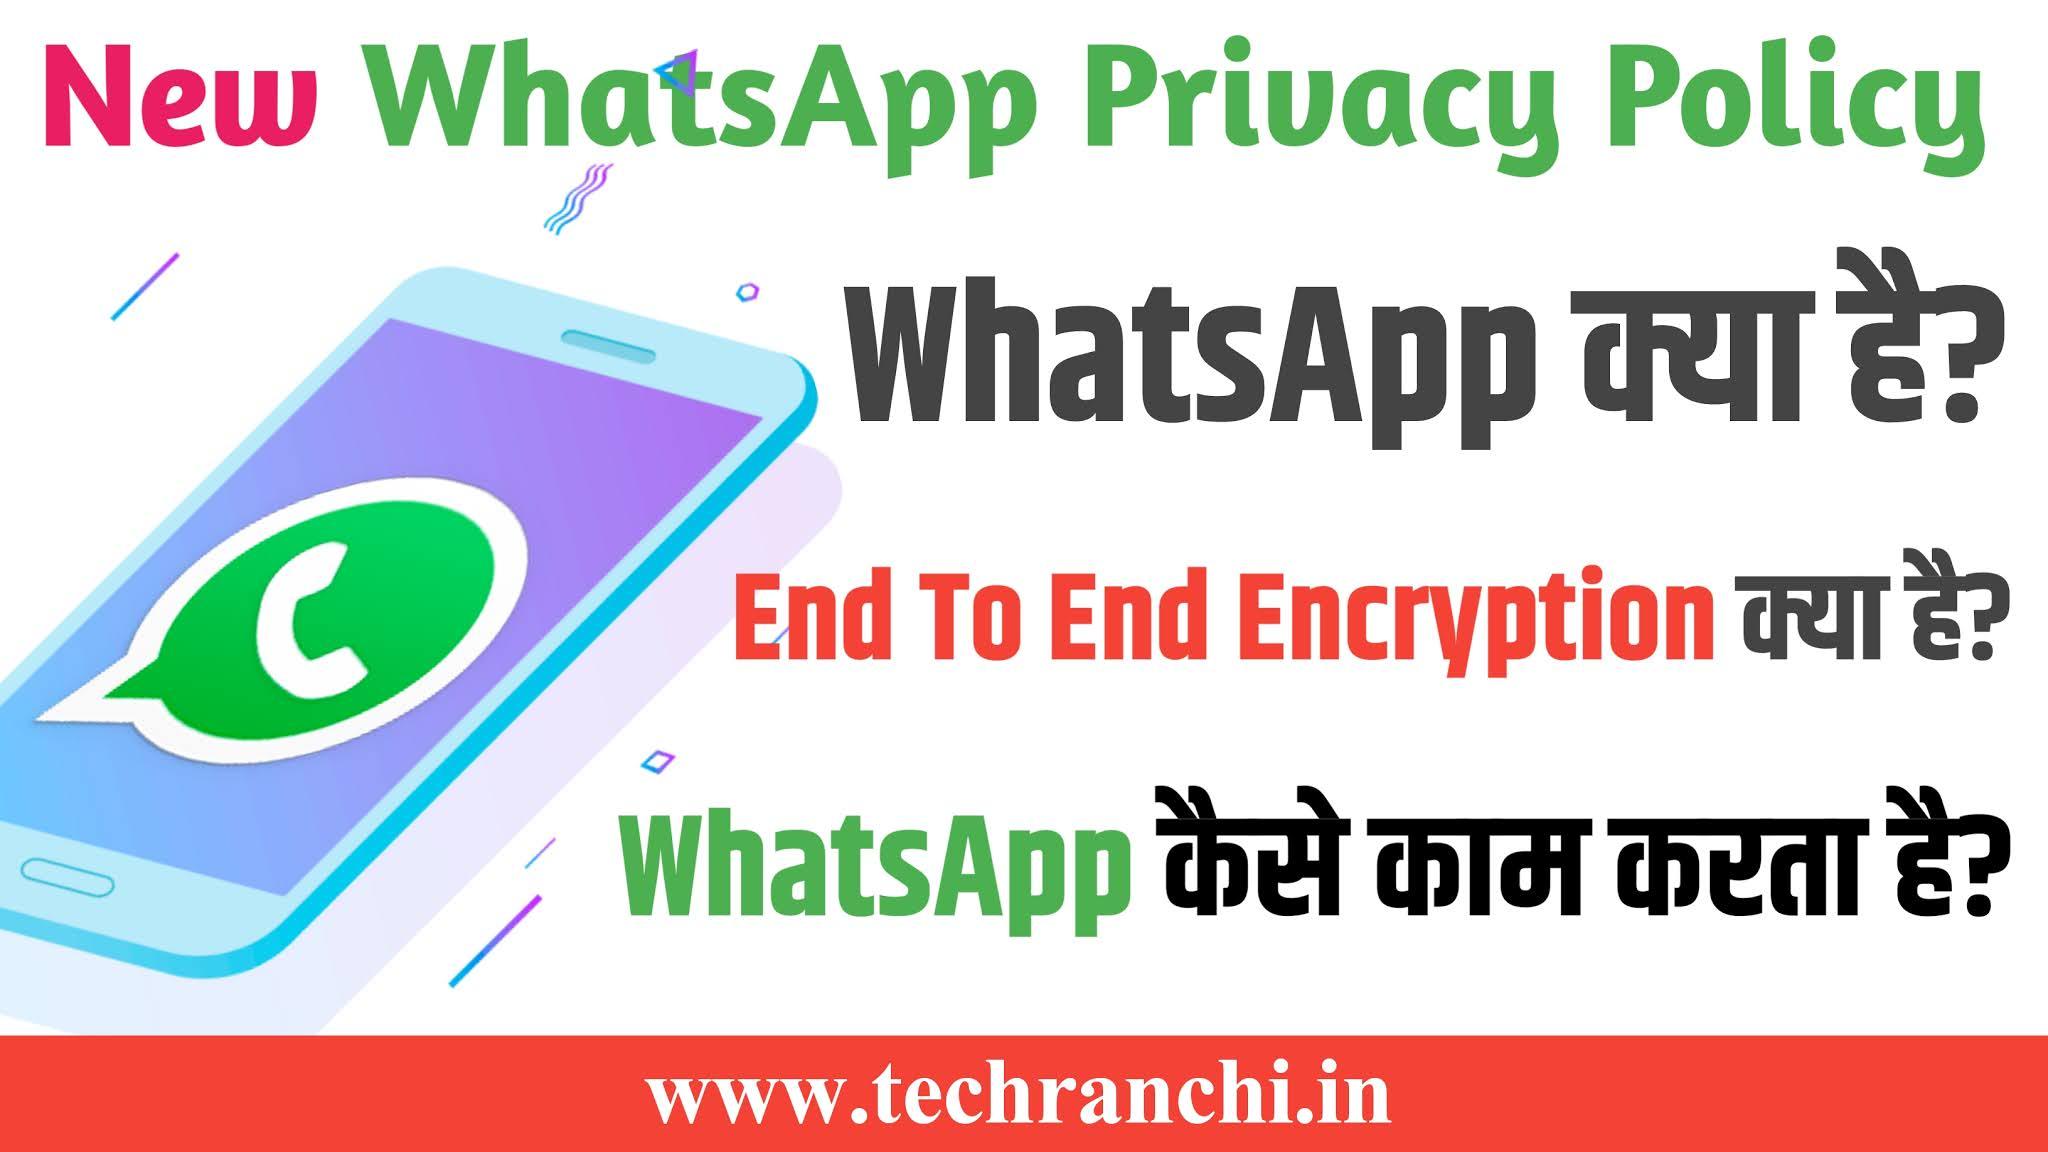 WhatsApp क्या है ?, WhatsApp कैसे काम करता है ? , WhatsApp कंपनी कहां की है ?, और WhatsApp Privacy Policy क्या है ?